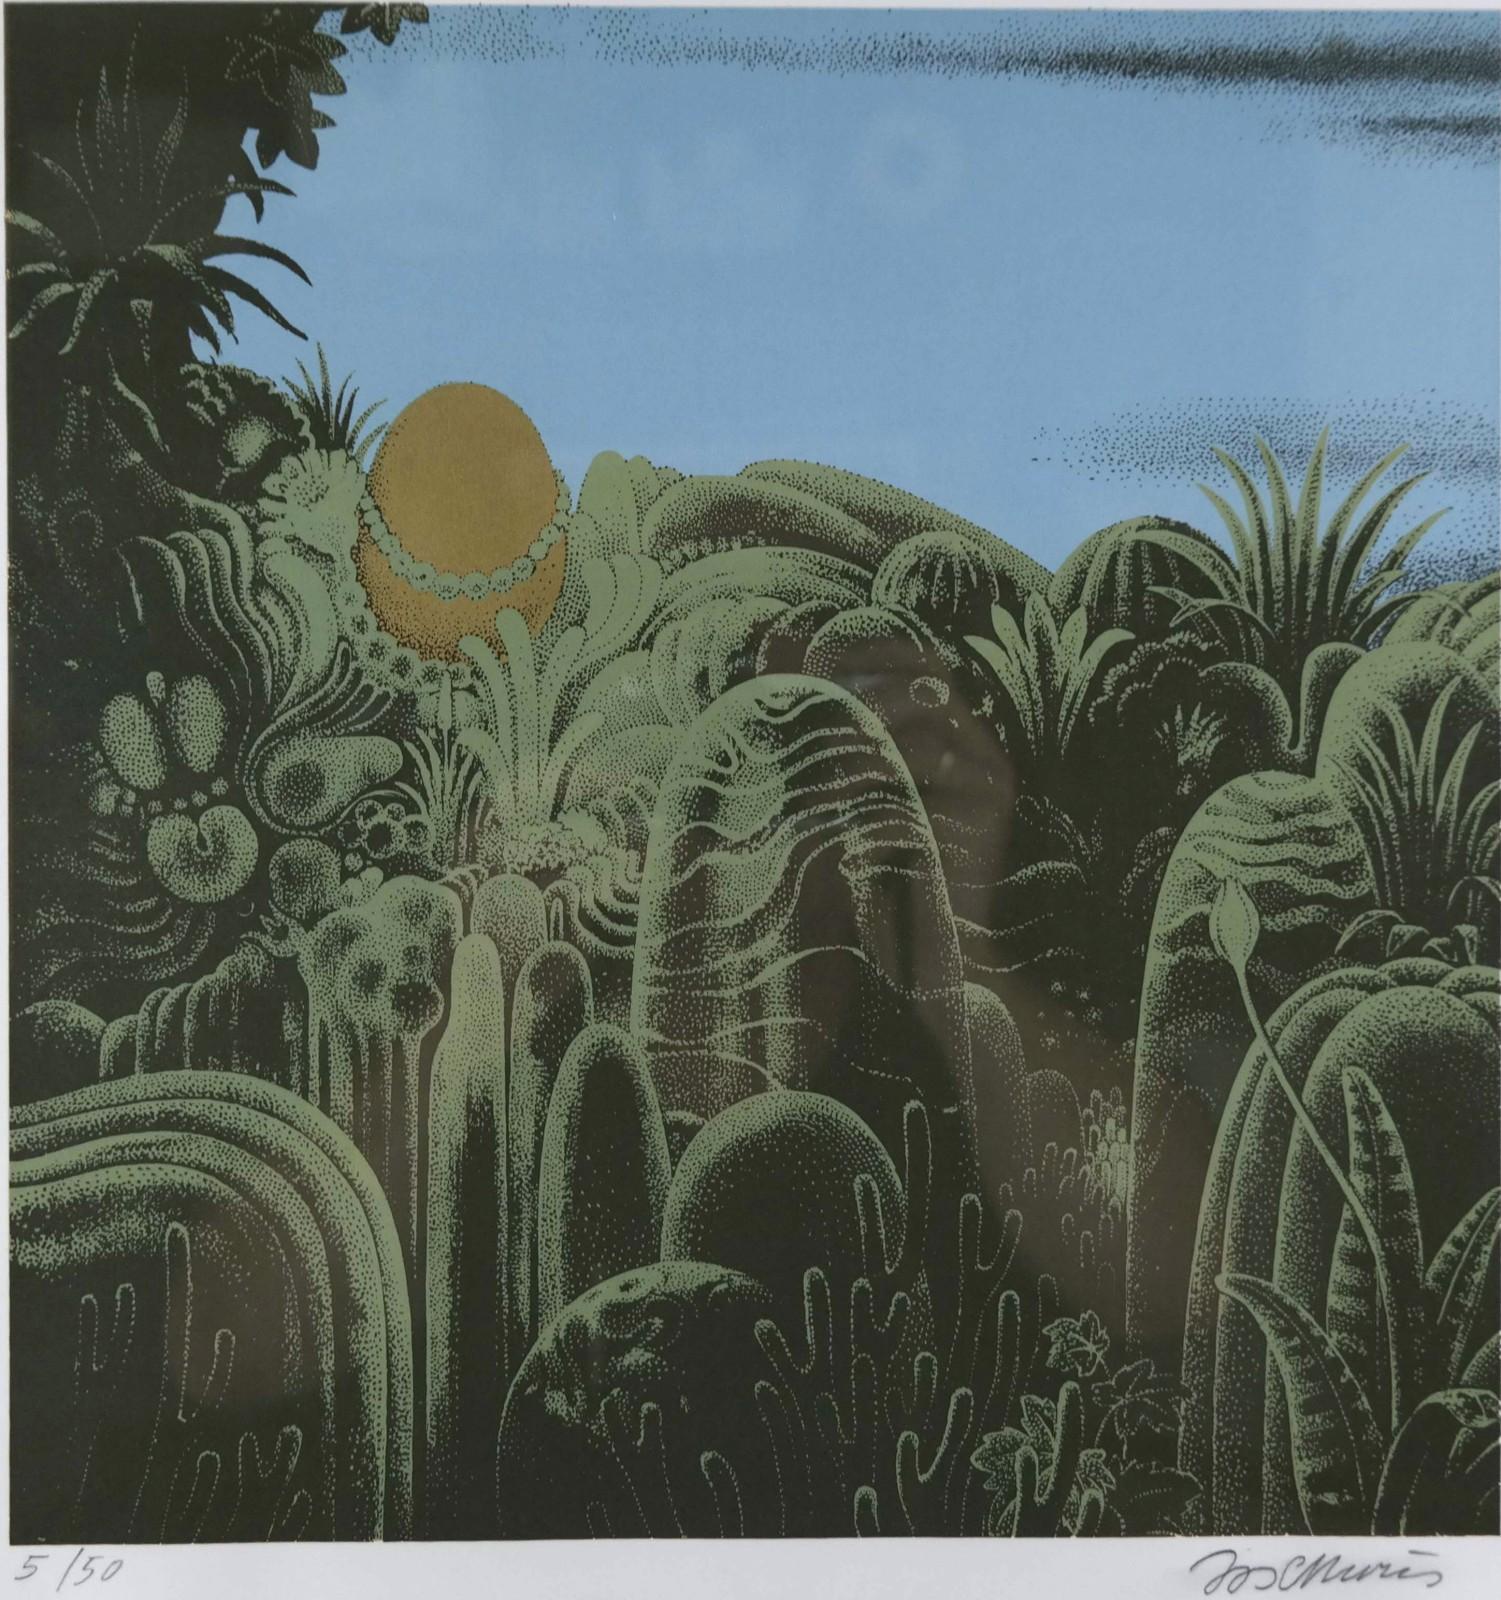 Jos Muris (1936-1984) – Landschap met gouden ei